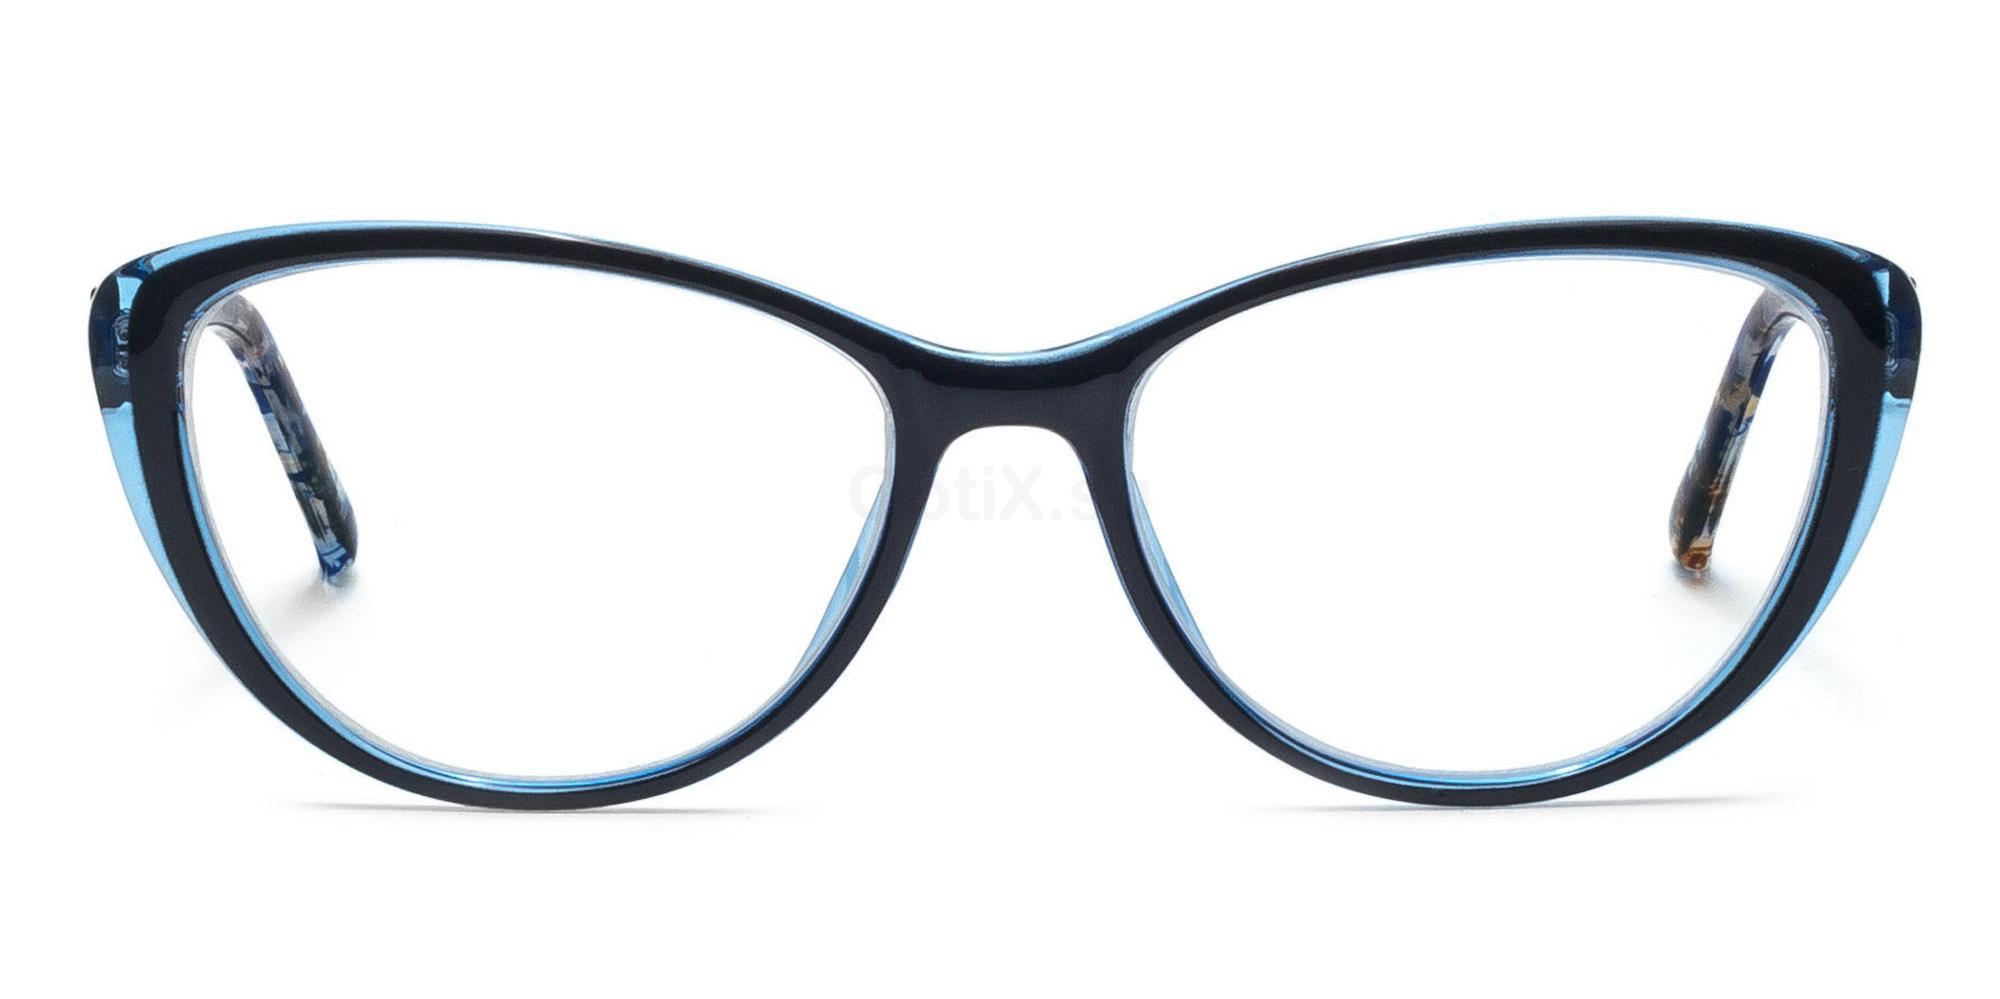 C48 2489 - Black on Blue Glasses, Savannah